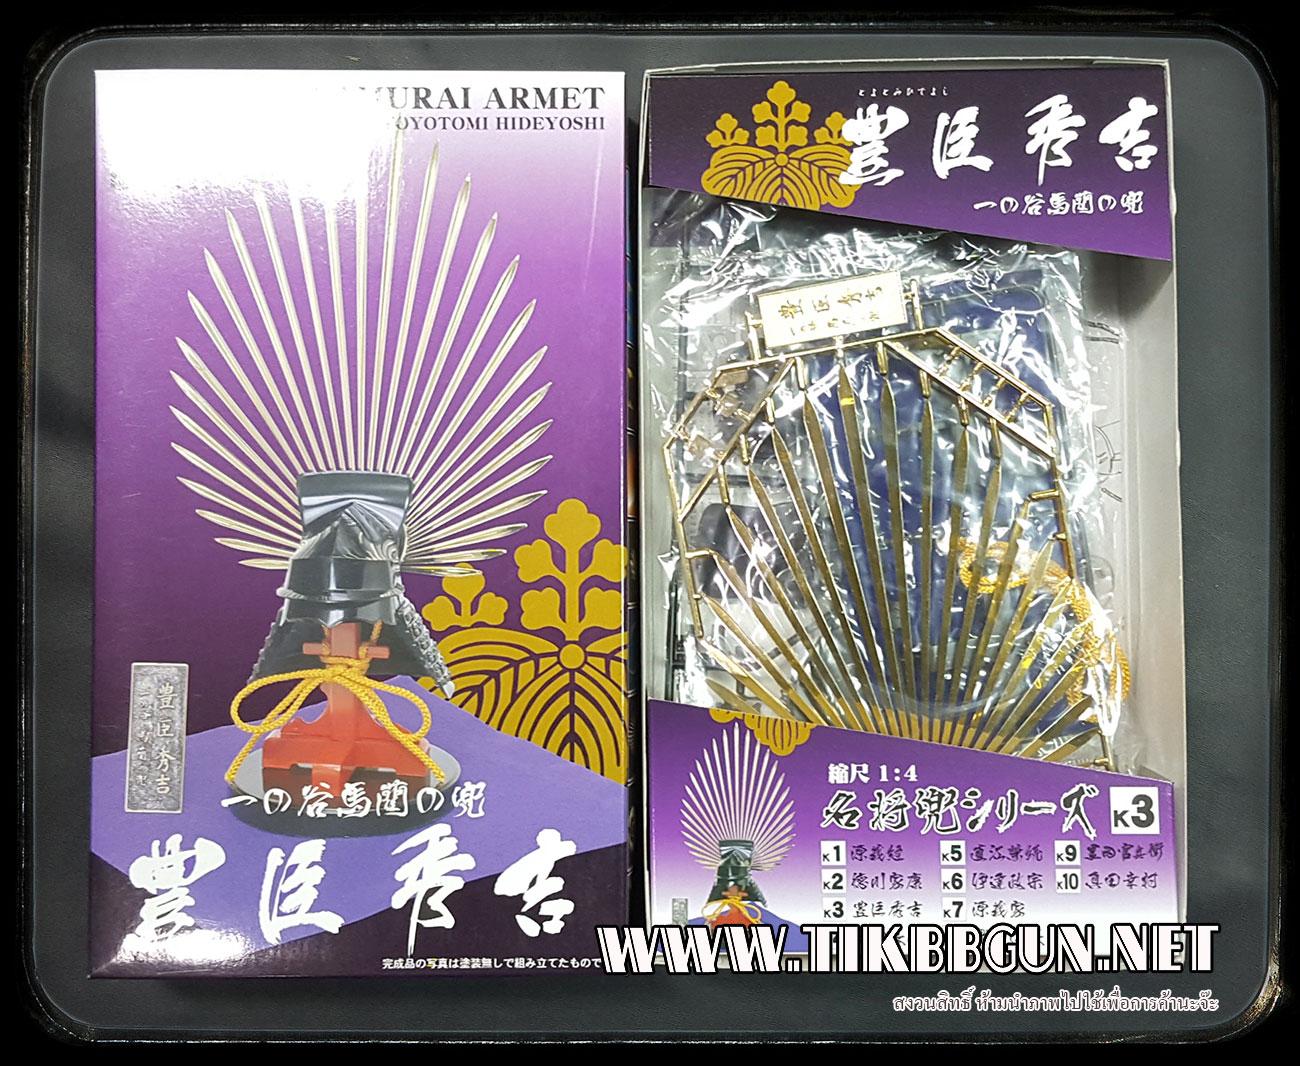 1/4 Toyotomi Hideyoshi Helmet by Doyusha (DYS14052)